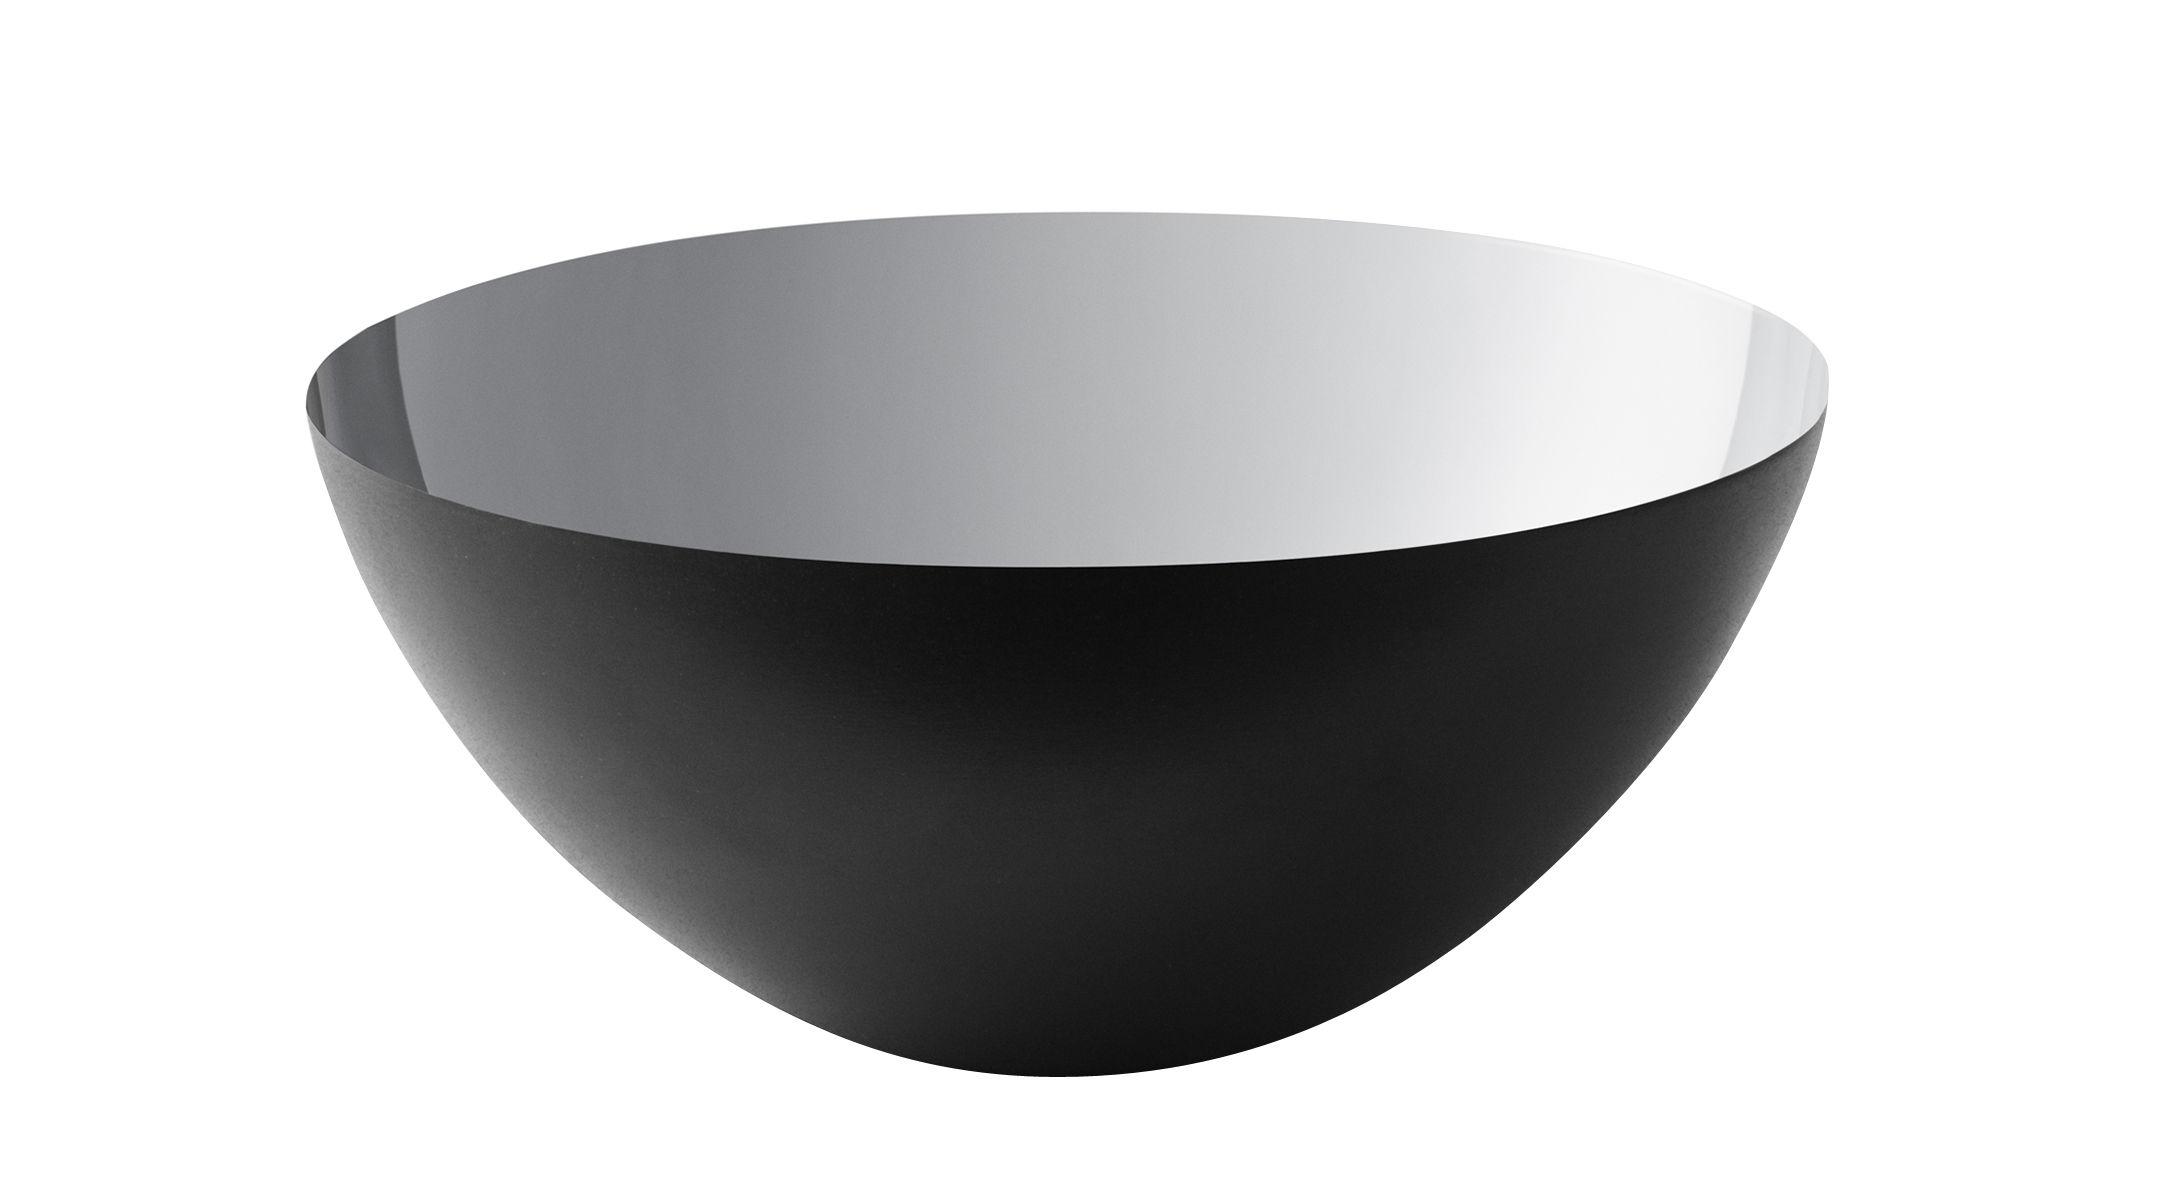 Arts de la table - Saladiers, coupes et bols - Bol Krenit / Ø 16 x H 7,1 cm - Acier - Normann Copenhagen - Noir / Intérieur argent - Acier émaillé